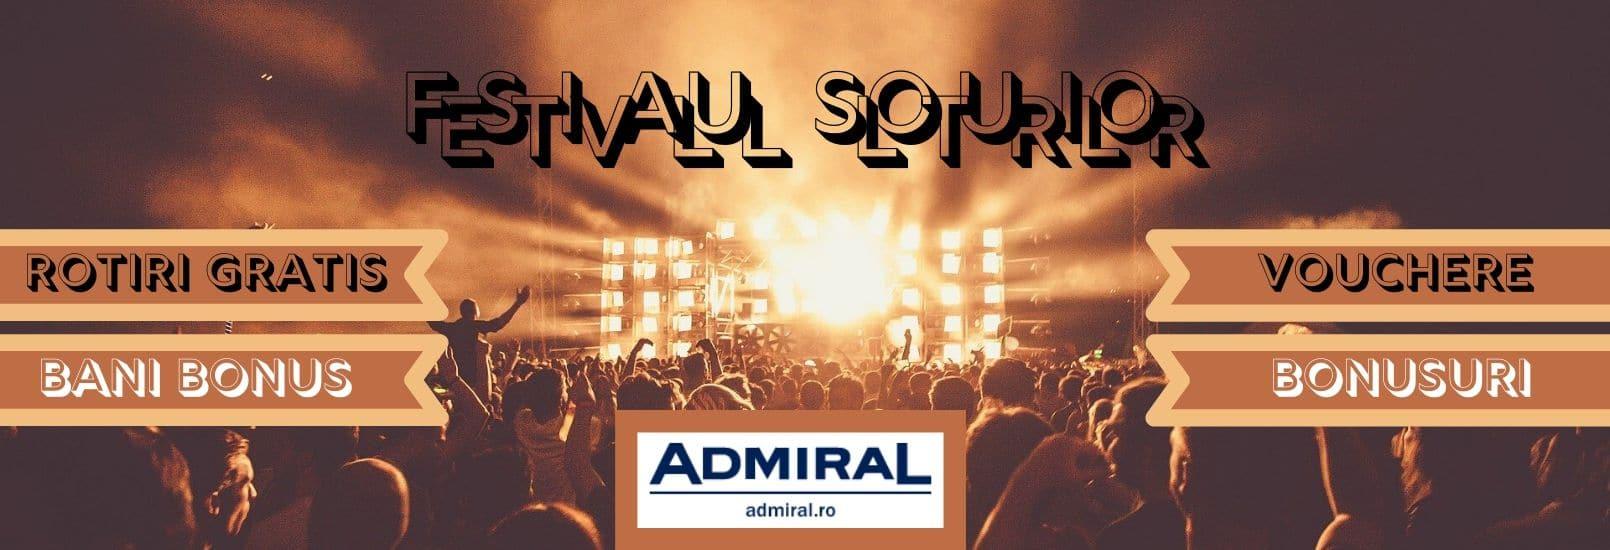 festivalul sloturilor admiral